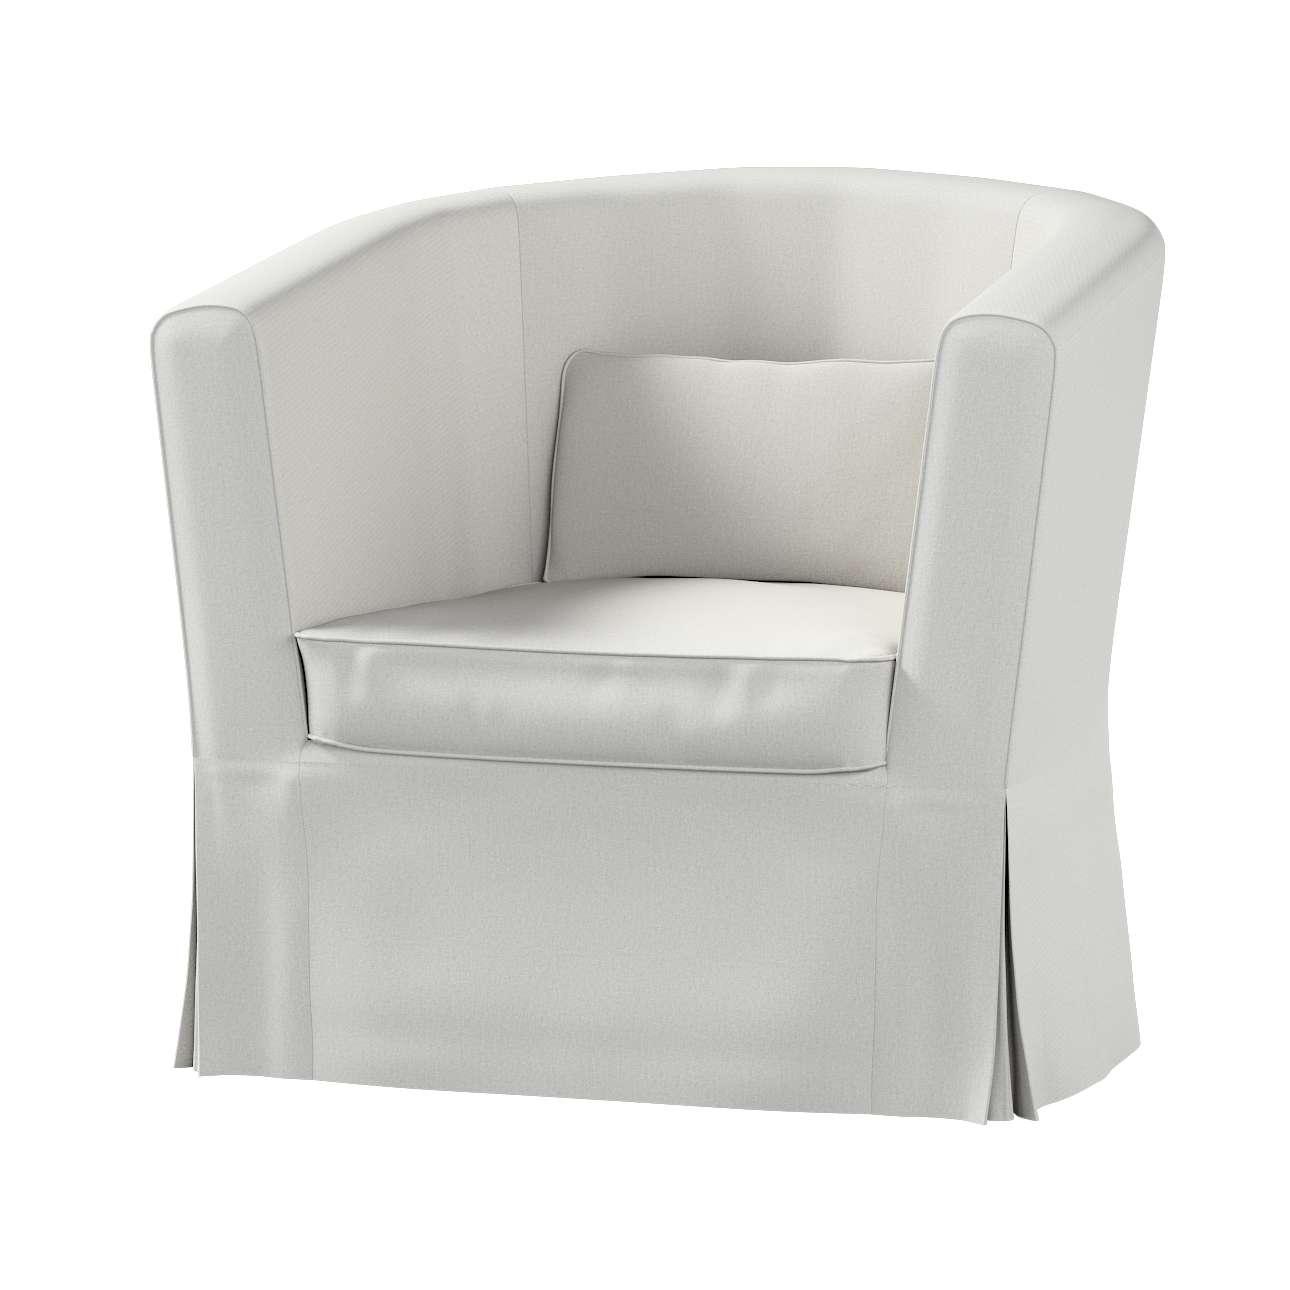 EKTORP TULLSTA fotelio užvalkalas Ektorp Tullsta fotelio užvalkalas kolekcijoje Etna , audinys: 705-90